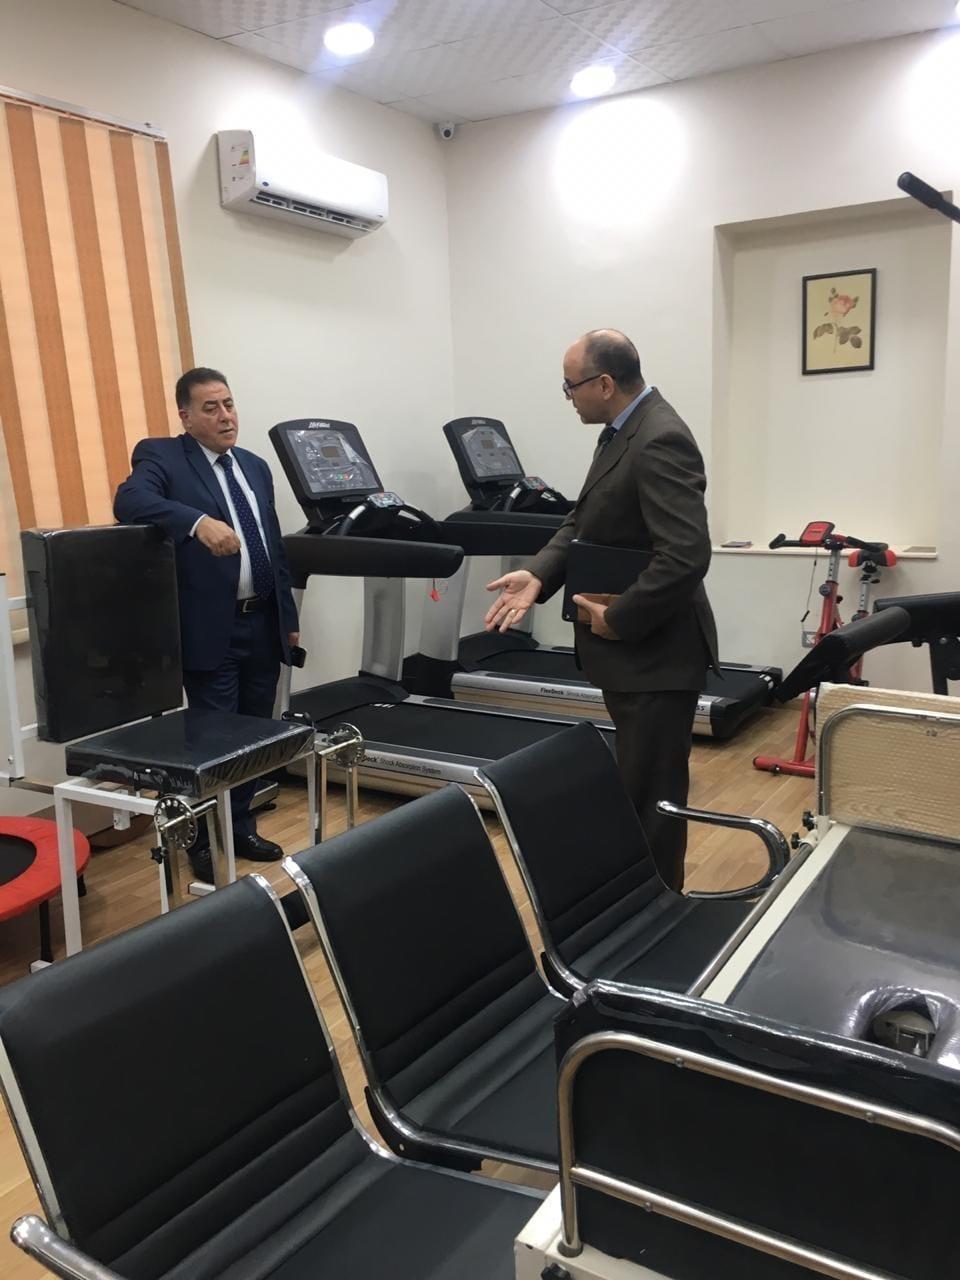 أمين عام المجلس يتفقد أعمال تطوير المرحلة الثانية للعيادات الطبية (6)